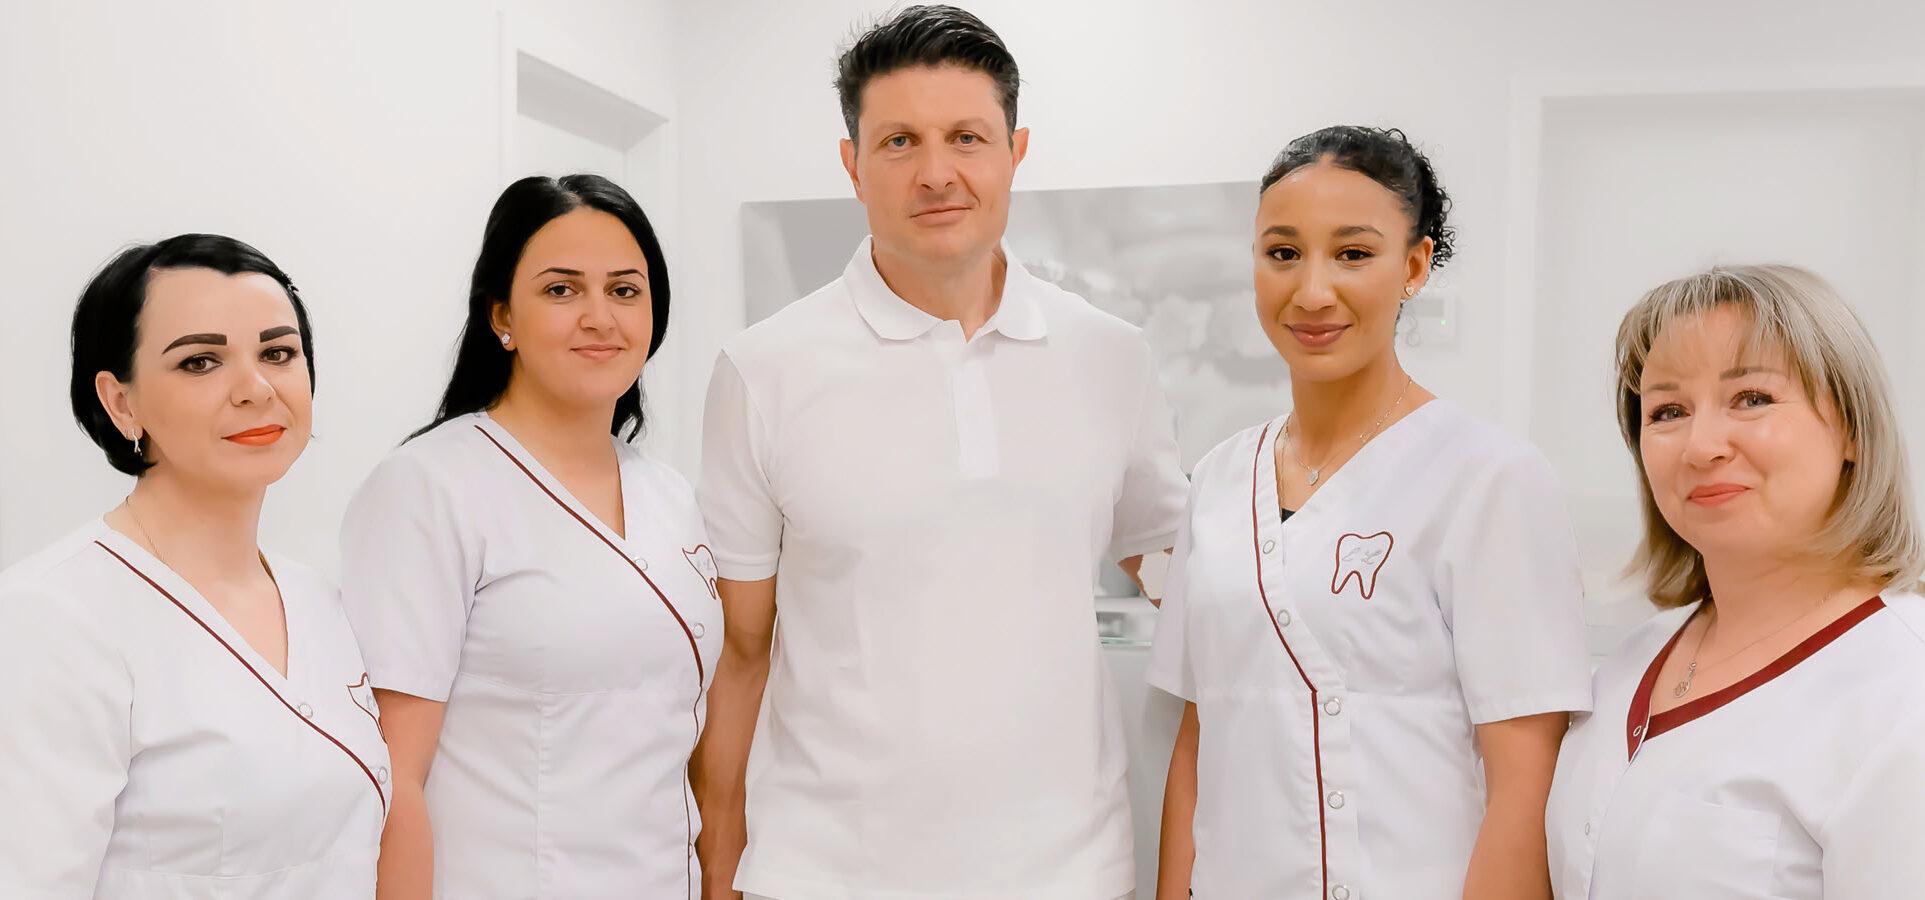 Zahnarzt Dr. Liebensohn mit Team